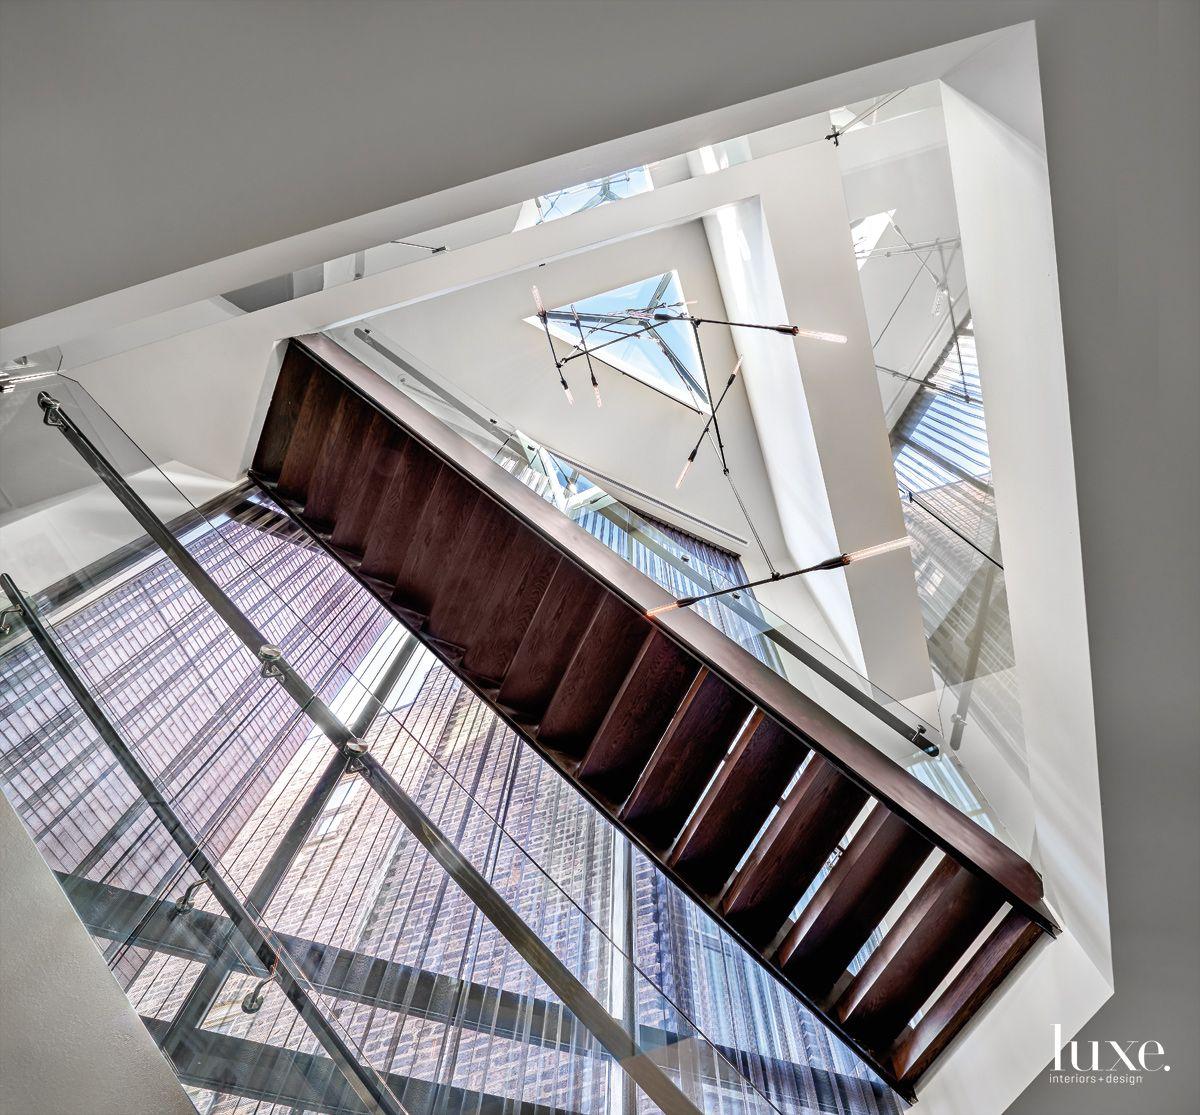 Contemporary White Atrium with Contemporary Light Fixture